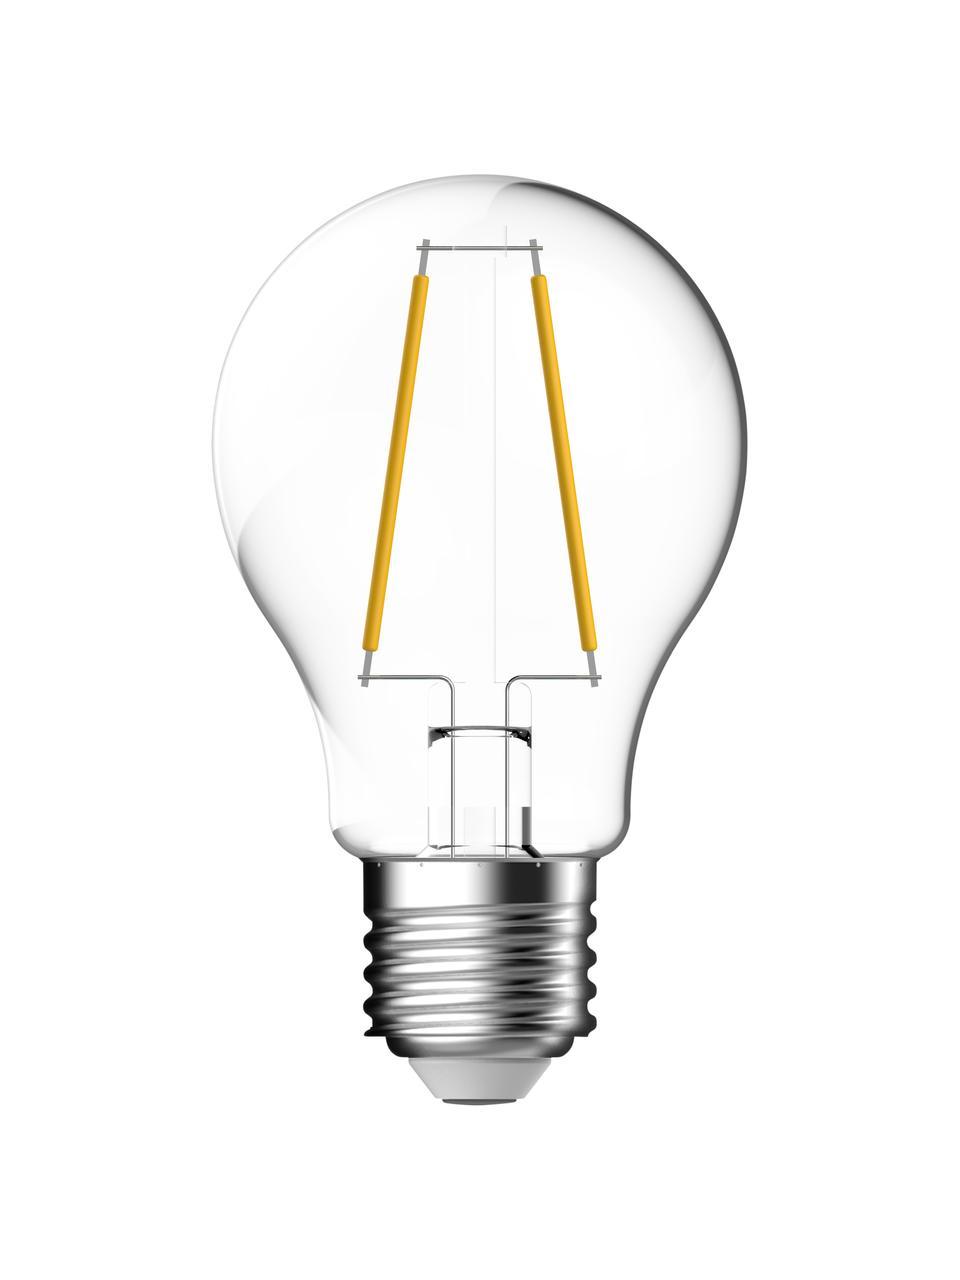 E27 Leuchtmittel, 7W, warmweiß, 6 Stück, Leuchtmittelschirm: Glas, Leuchtmittelfassung: Aluminium, Transparent, Ø 6 x H 10 cm